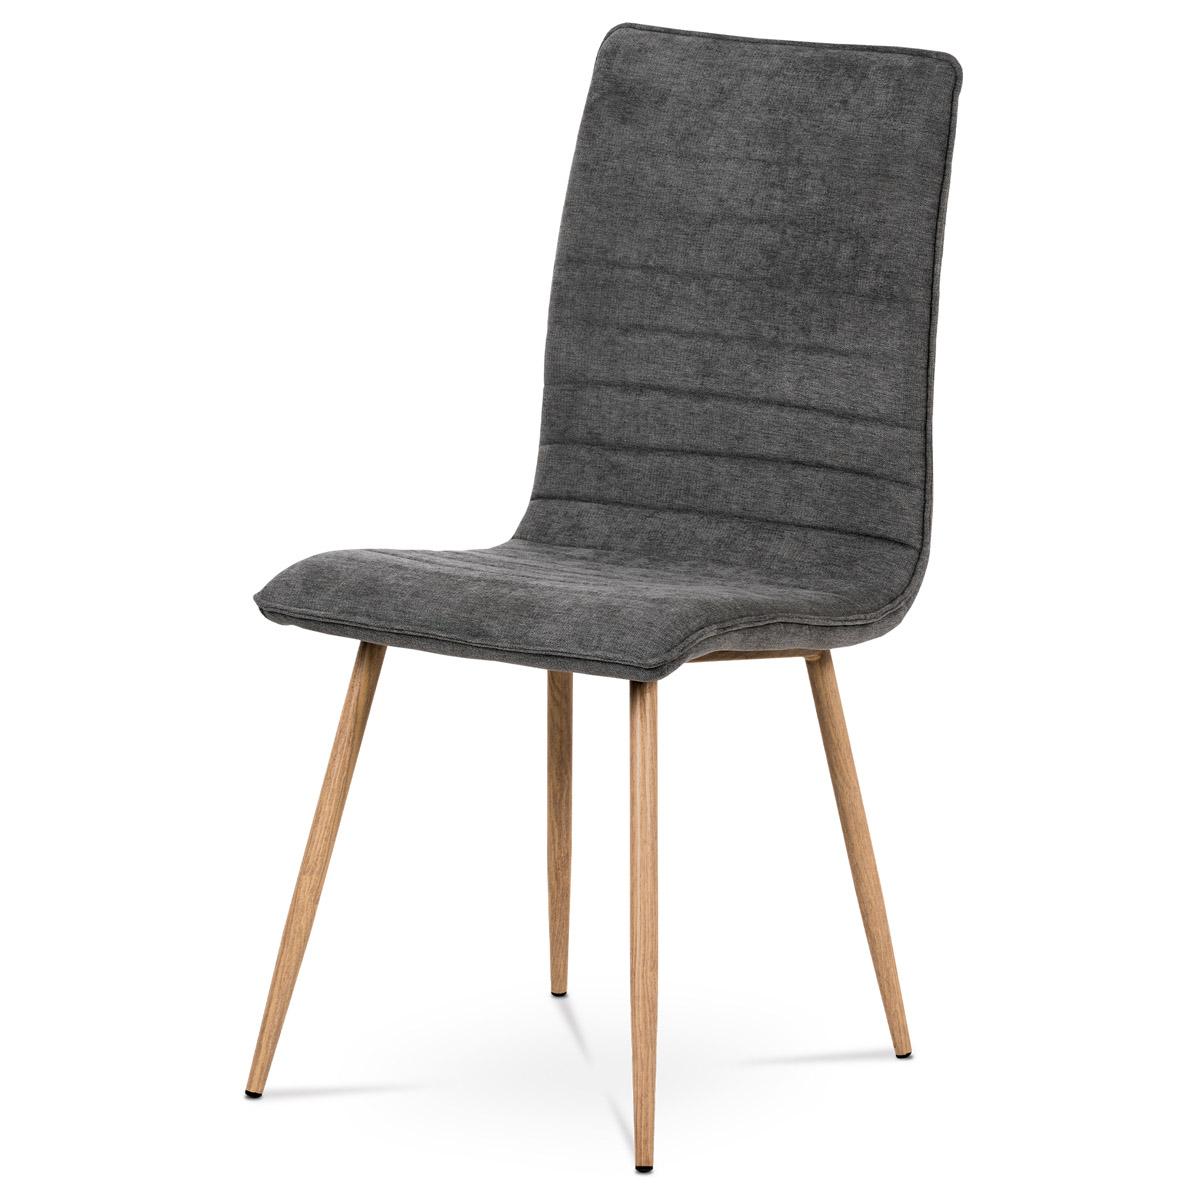 Jídelní židle, šedá látka, kovová 4 nohá podnož, 3D dekor dub - HC-368 GREY2